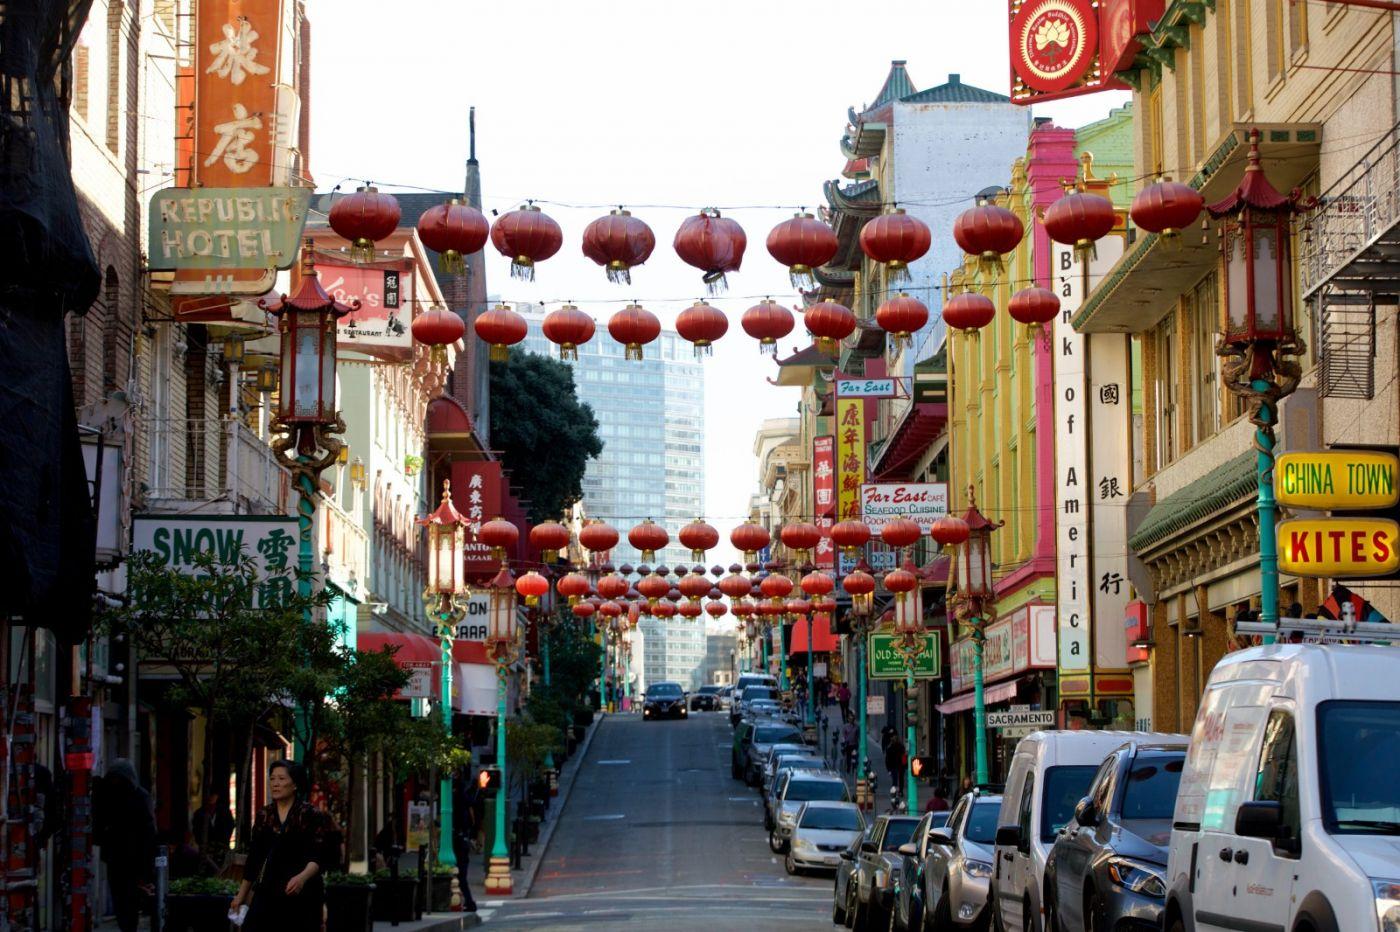 被吐痰 被辱骂 旧金山华裔女孩说:幸好这件事是发生在我身上 ... ..._图1-3